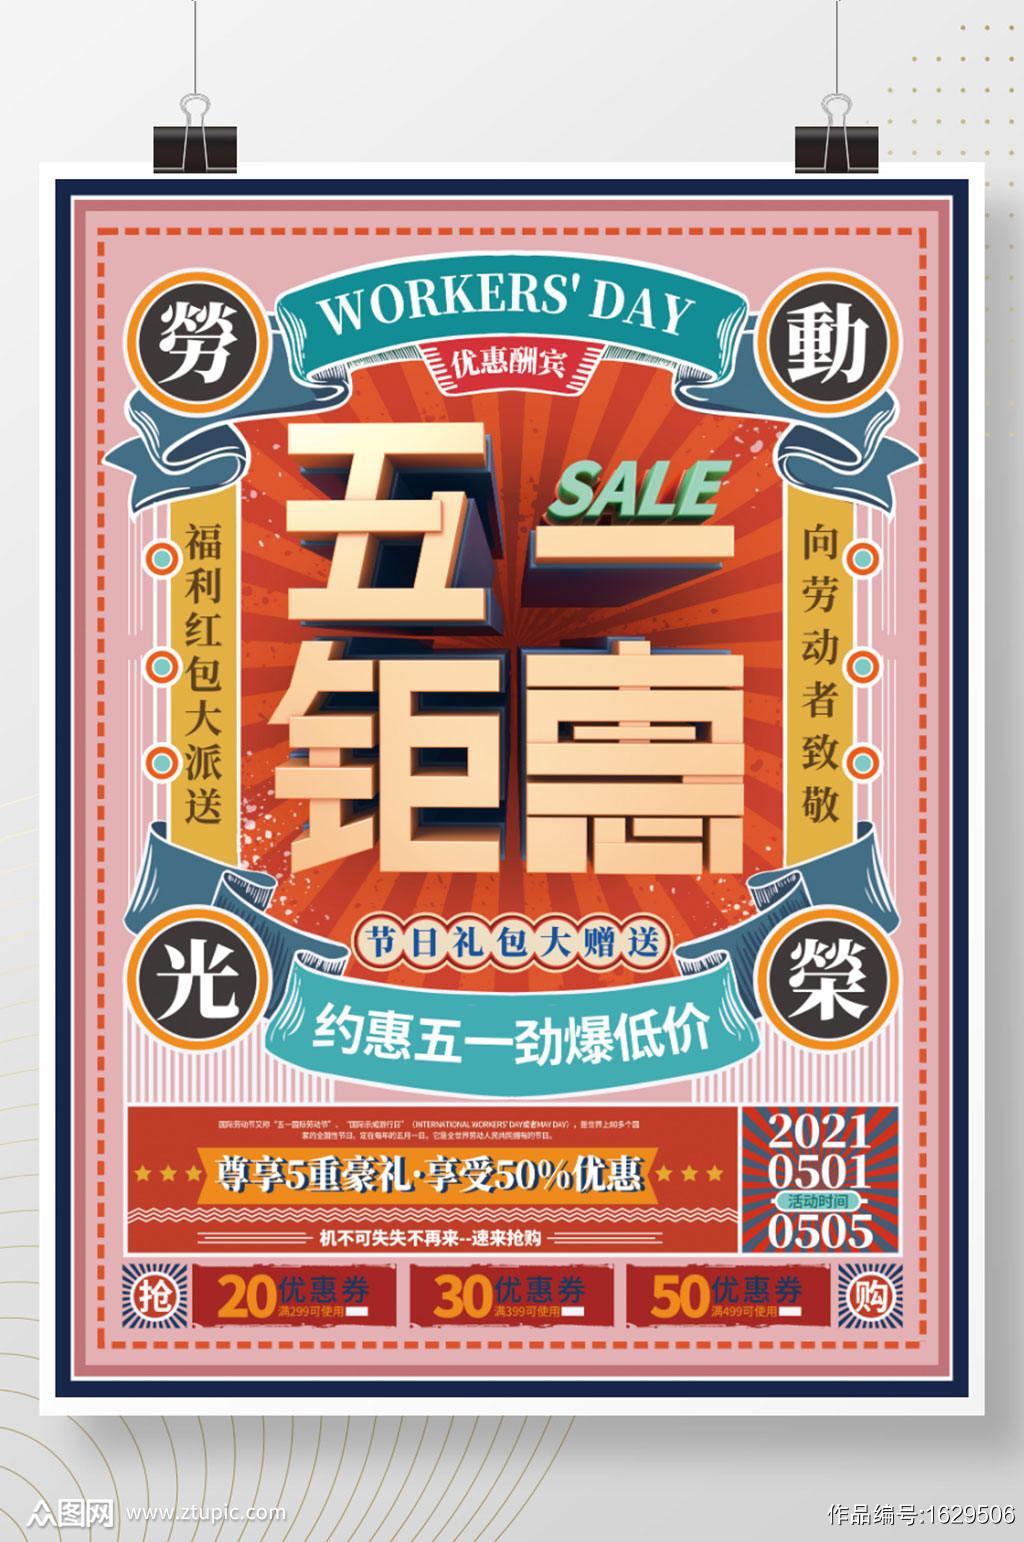 五一劳动节活动促销海报素材